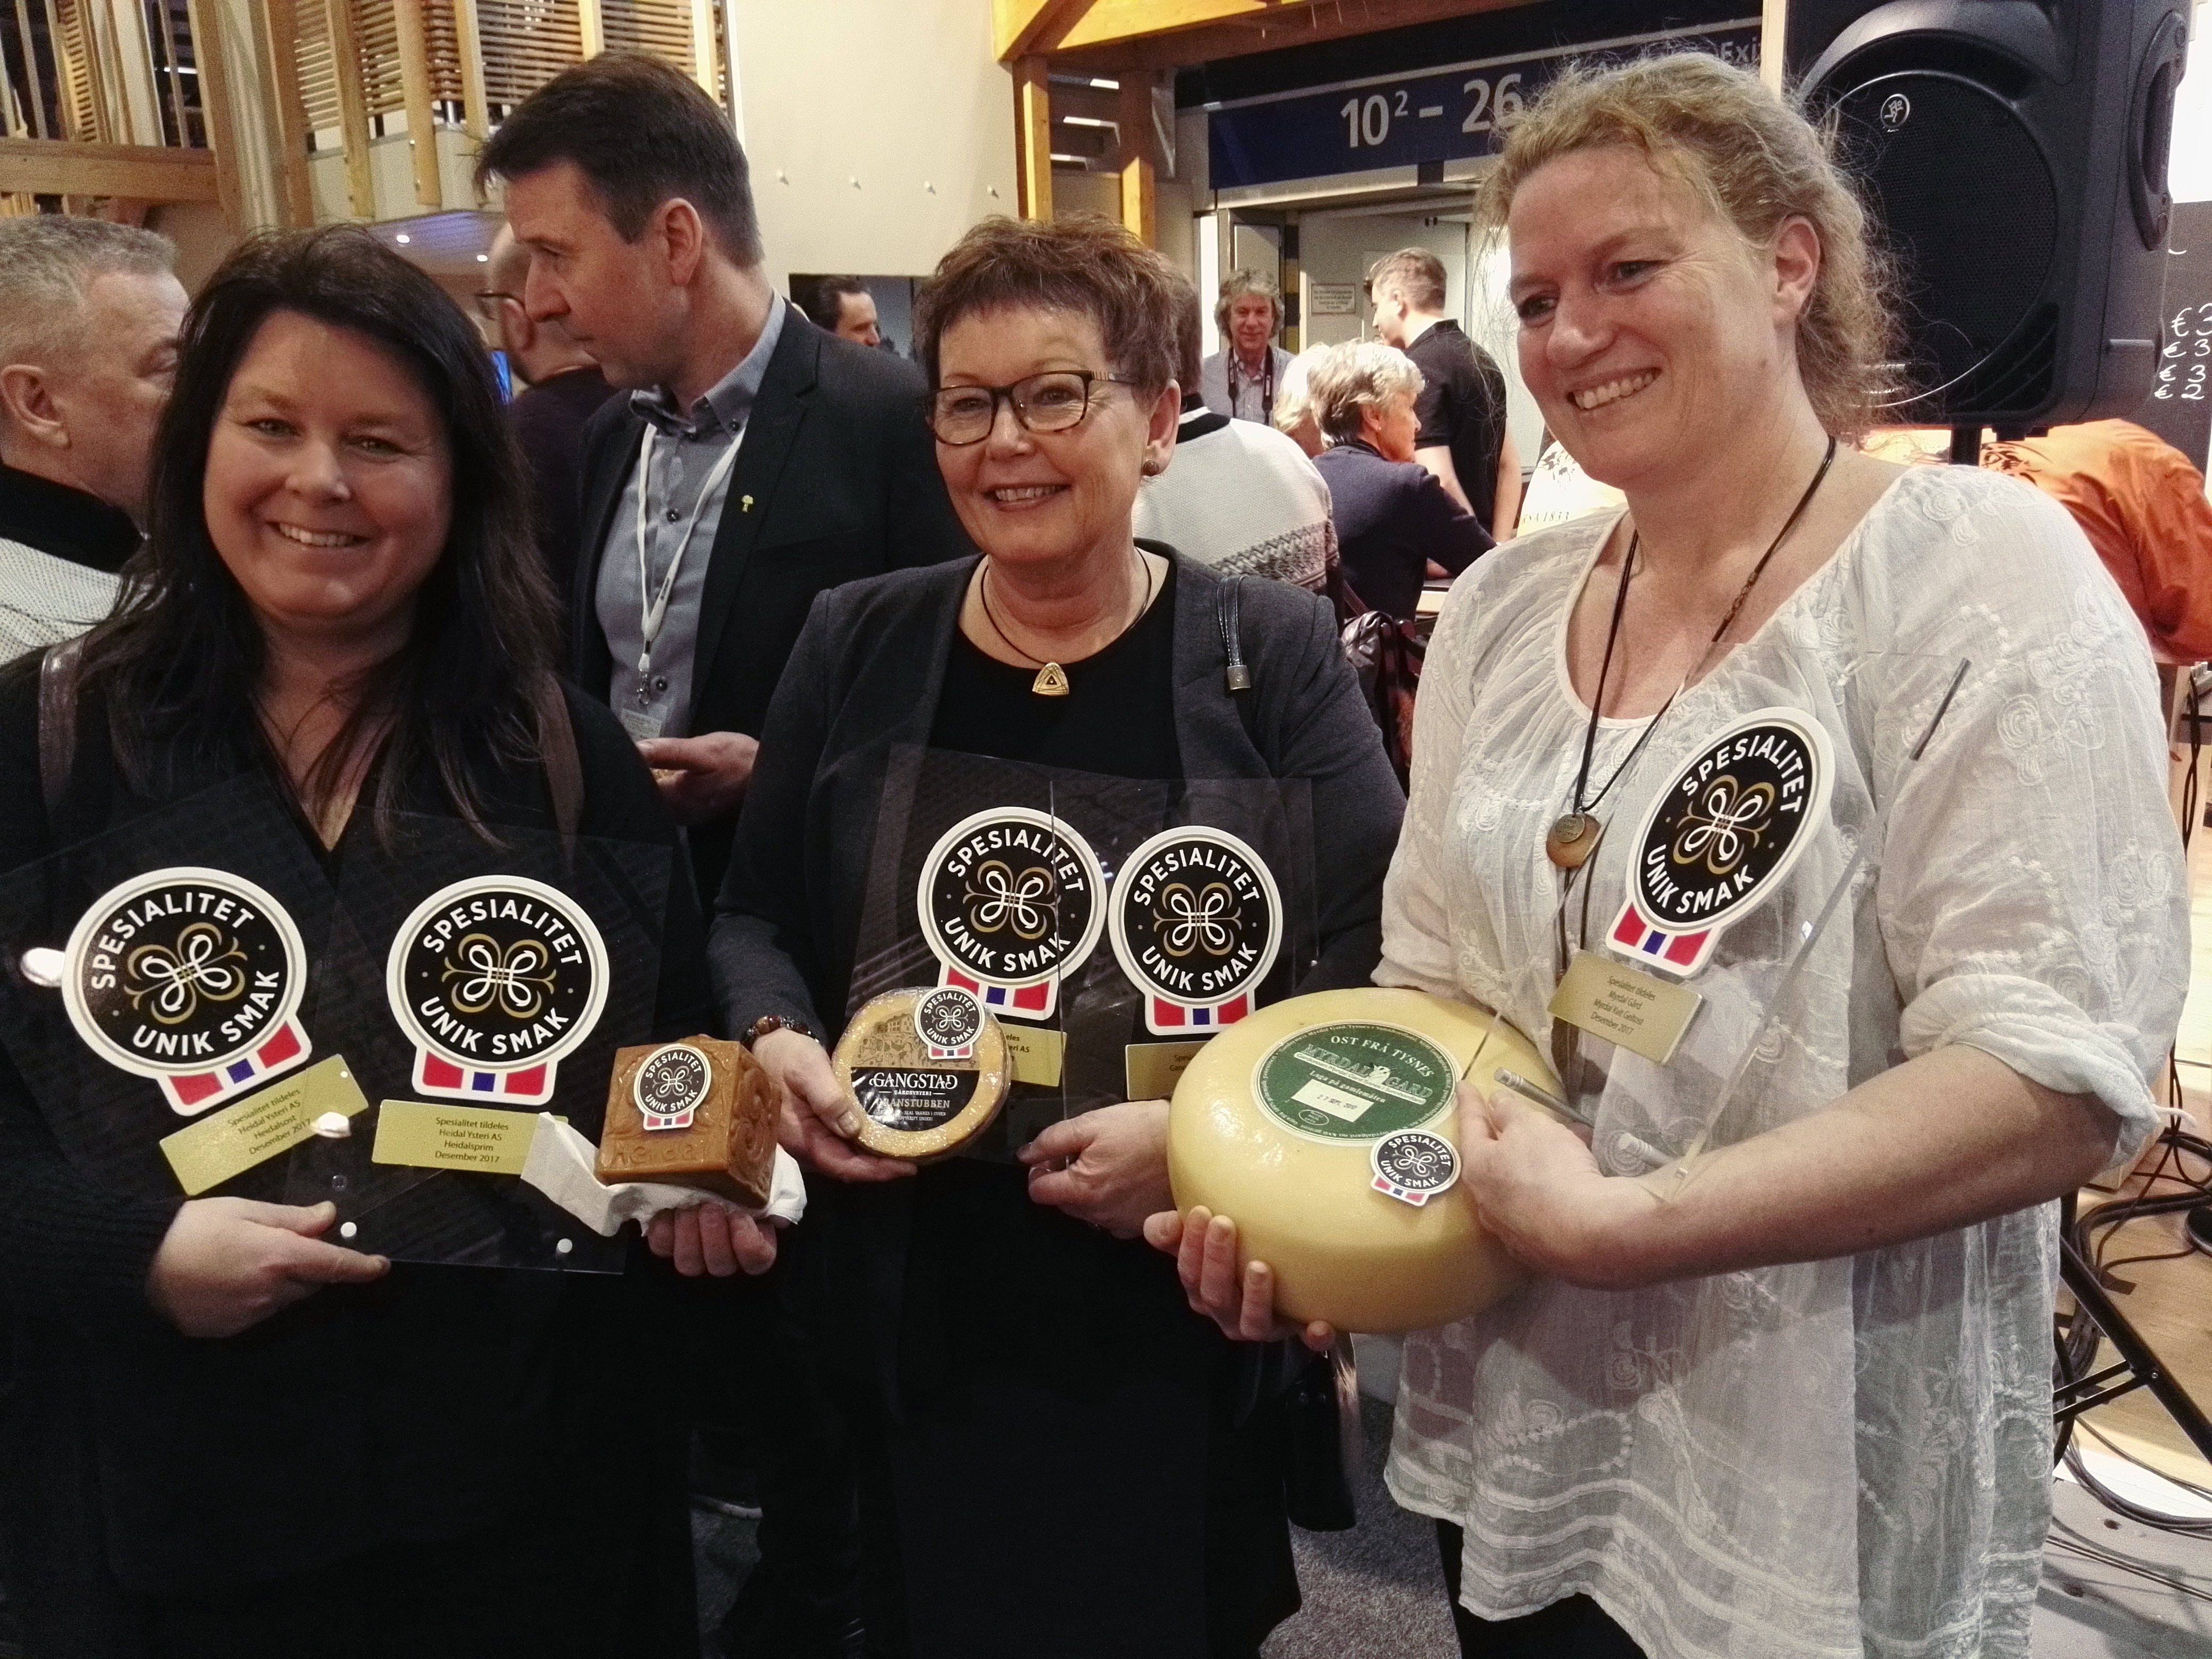 Mit dem Qualitätssiegel ausgezeichnete Käsehersteller zur Eröffnung des Norwegenstandes zur Grünen Woche©BPN